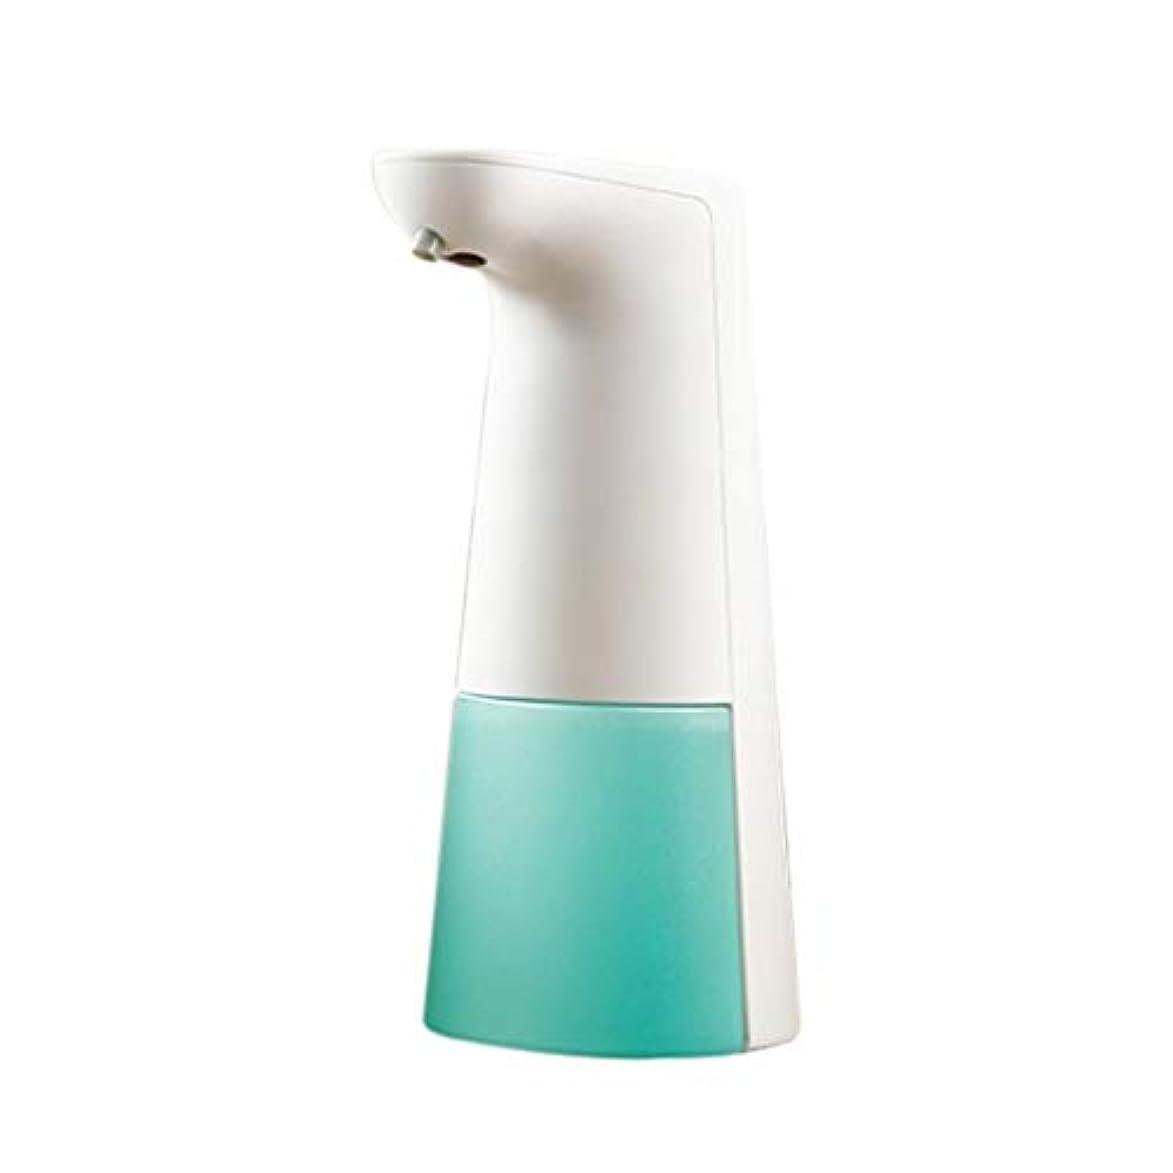 計器ストライドリハーサル泡の台所浴室の流しの液体石鹸の瓶250mlのプラスチック石鹸箱のローション(色:白、サイズ:20.4 * 11.6 * 8.9cm) (Color : White, Size : 20.4*11.6*8.9cm)